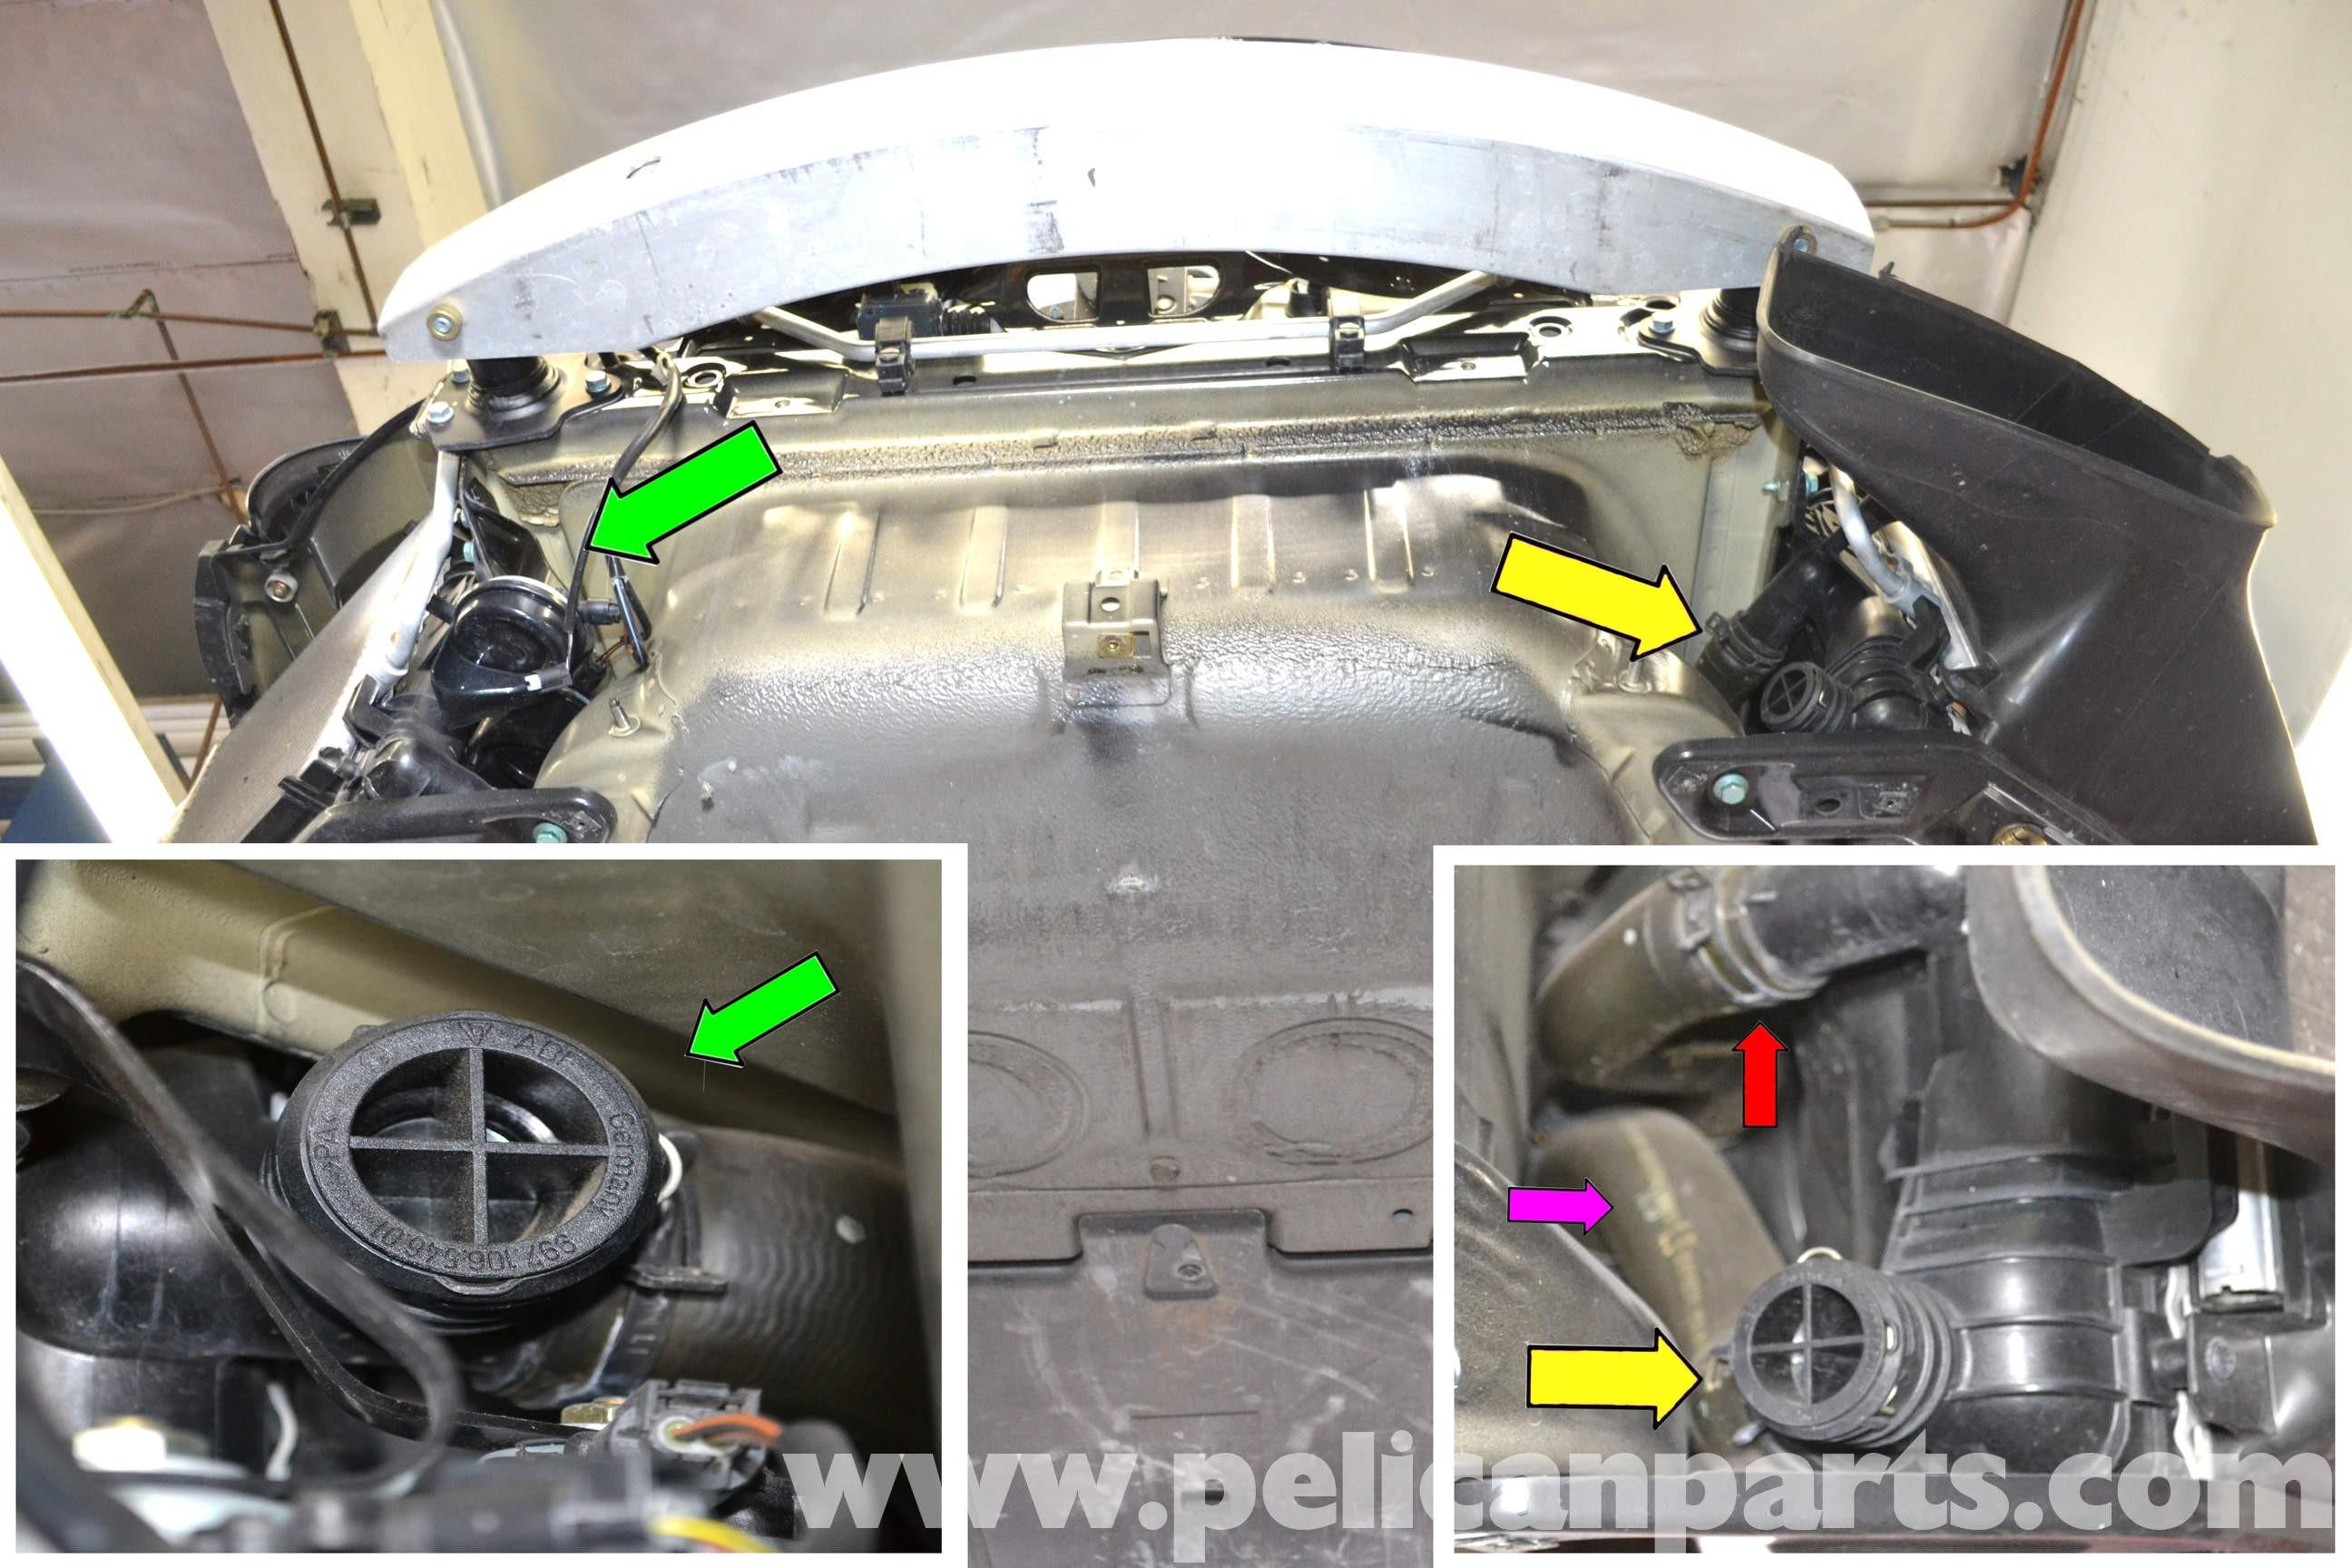 Porsche 996 Engine Diagram 911 Carrera Coolant Hose 997 Center Radiator Installation 1998 2005 Of